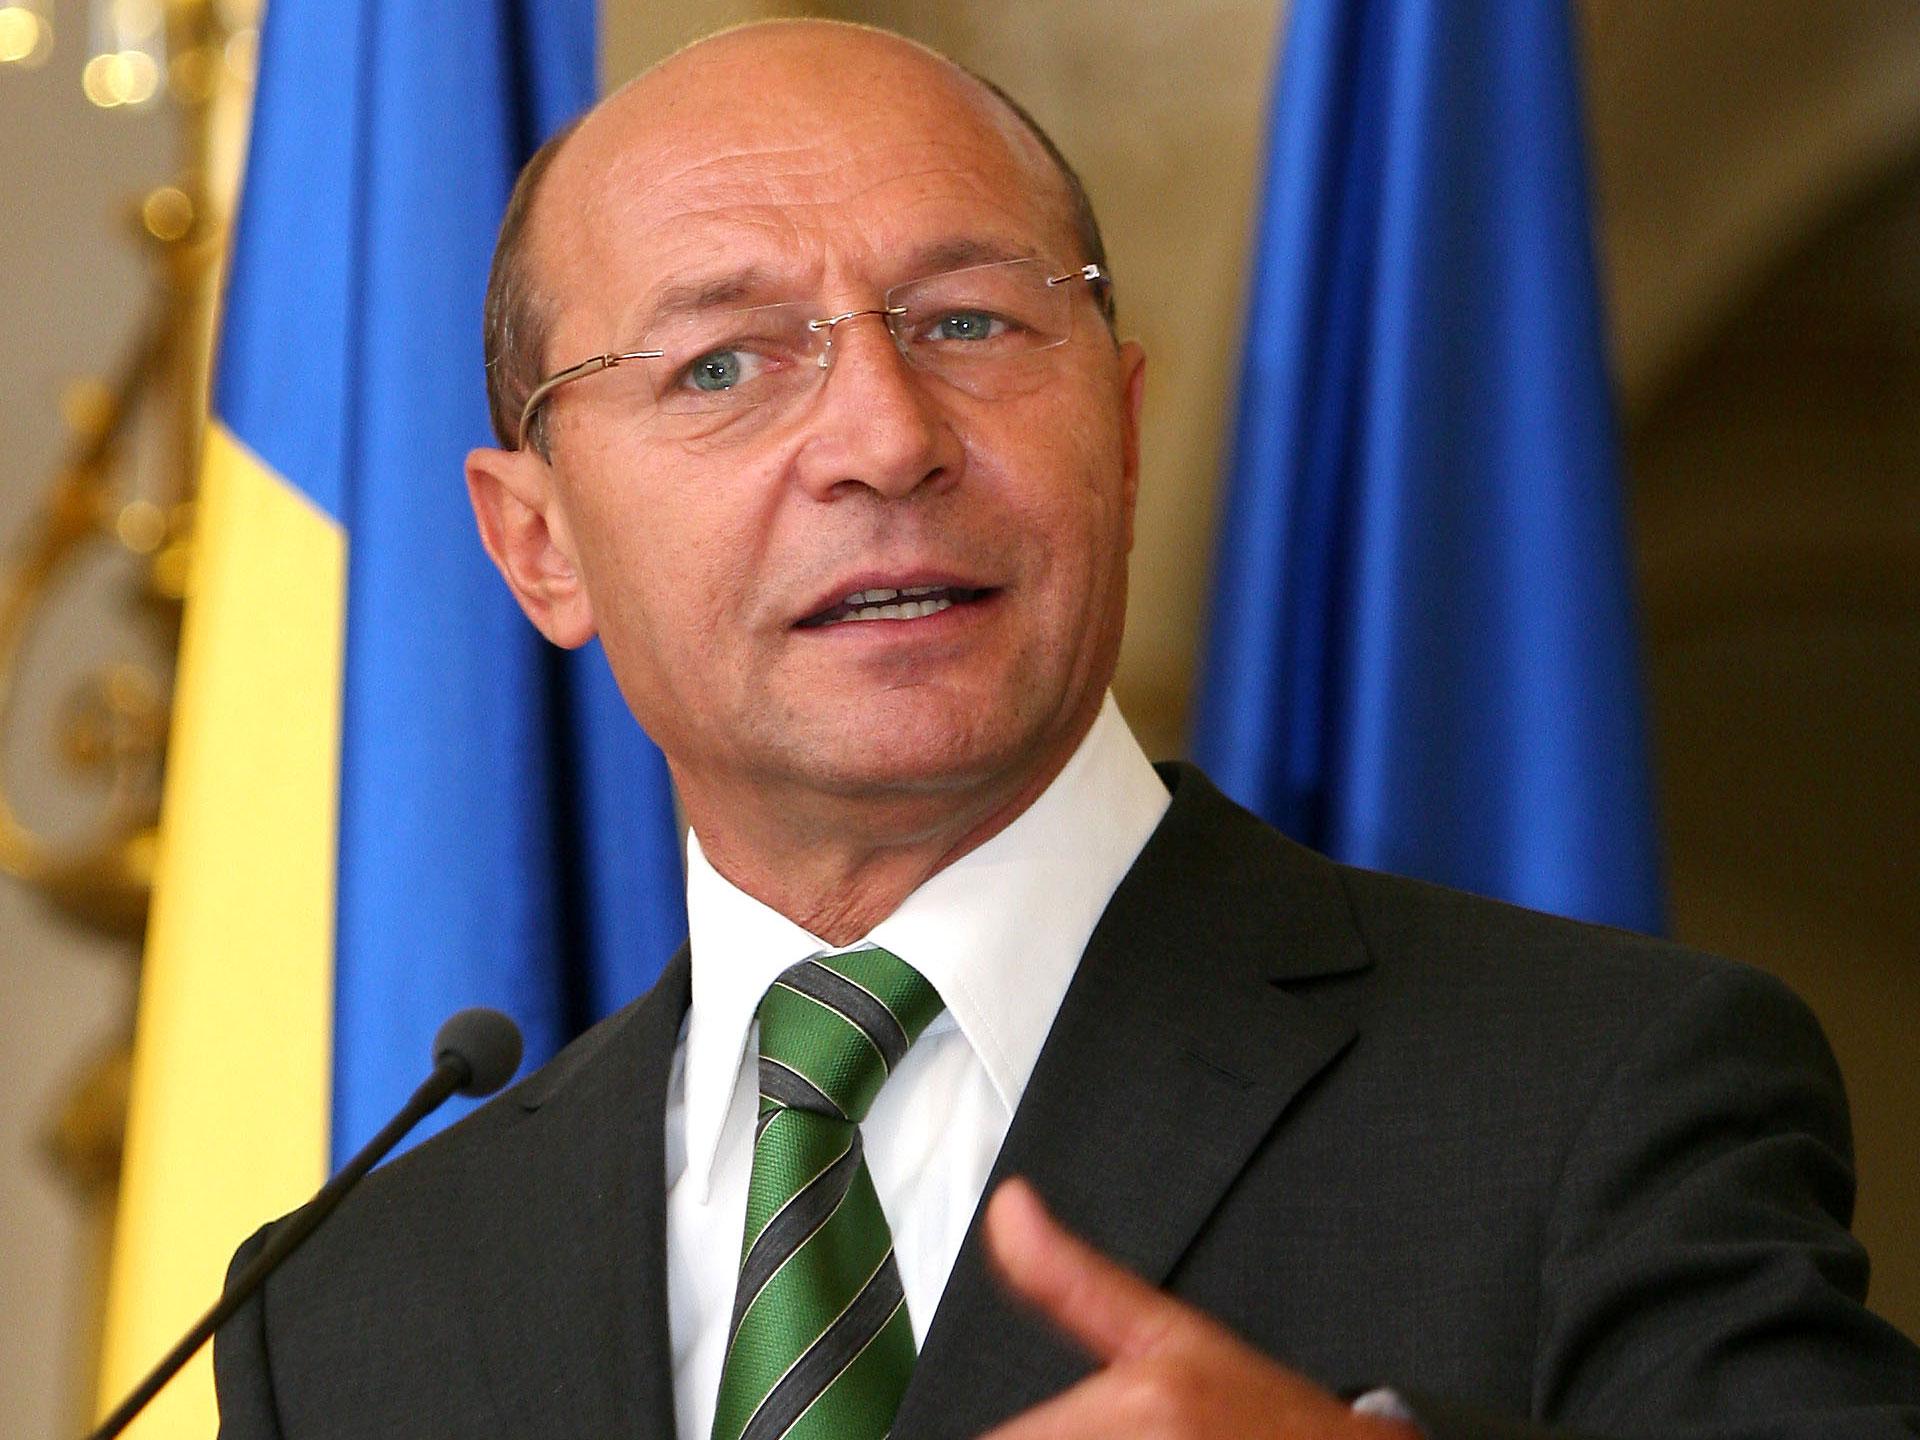 Traian Băsescu, eliminat din lista de invitaţi la aniversarea Senatului. Tăriceanu: Nu l-am invitat pentru a nu crea un moment penibil